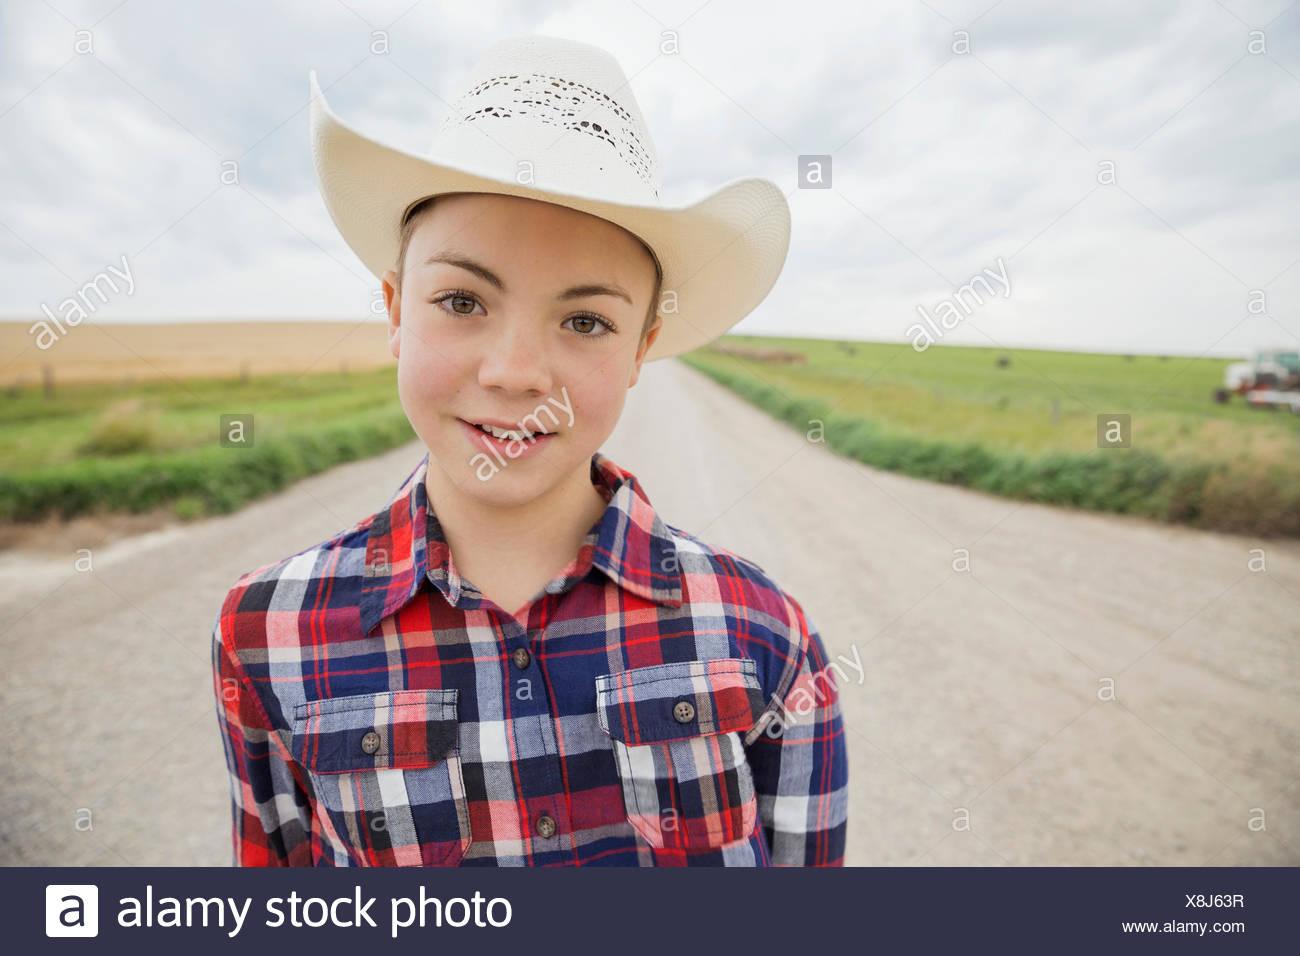 Retrato de niño en el sombrero de vaquero en la carretera Imagen De Stock 5a6aa310470